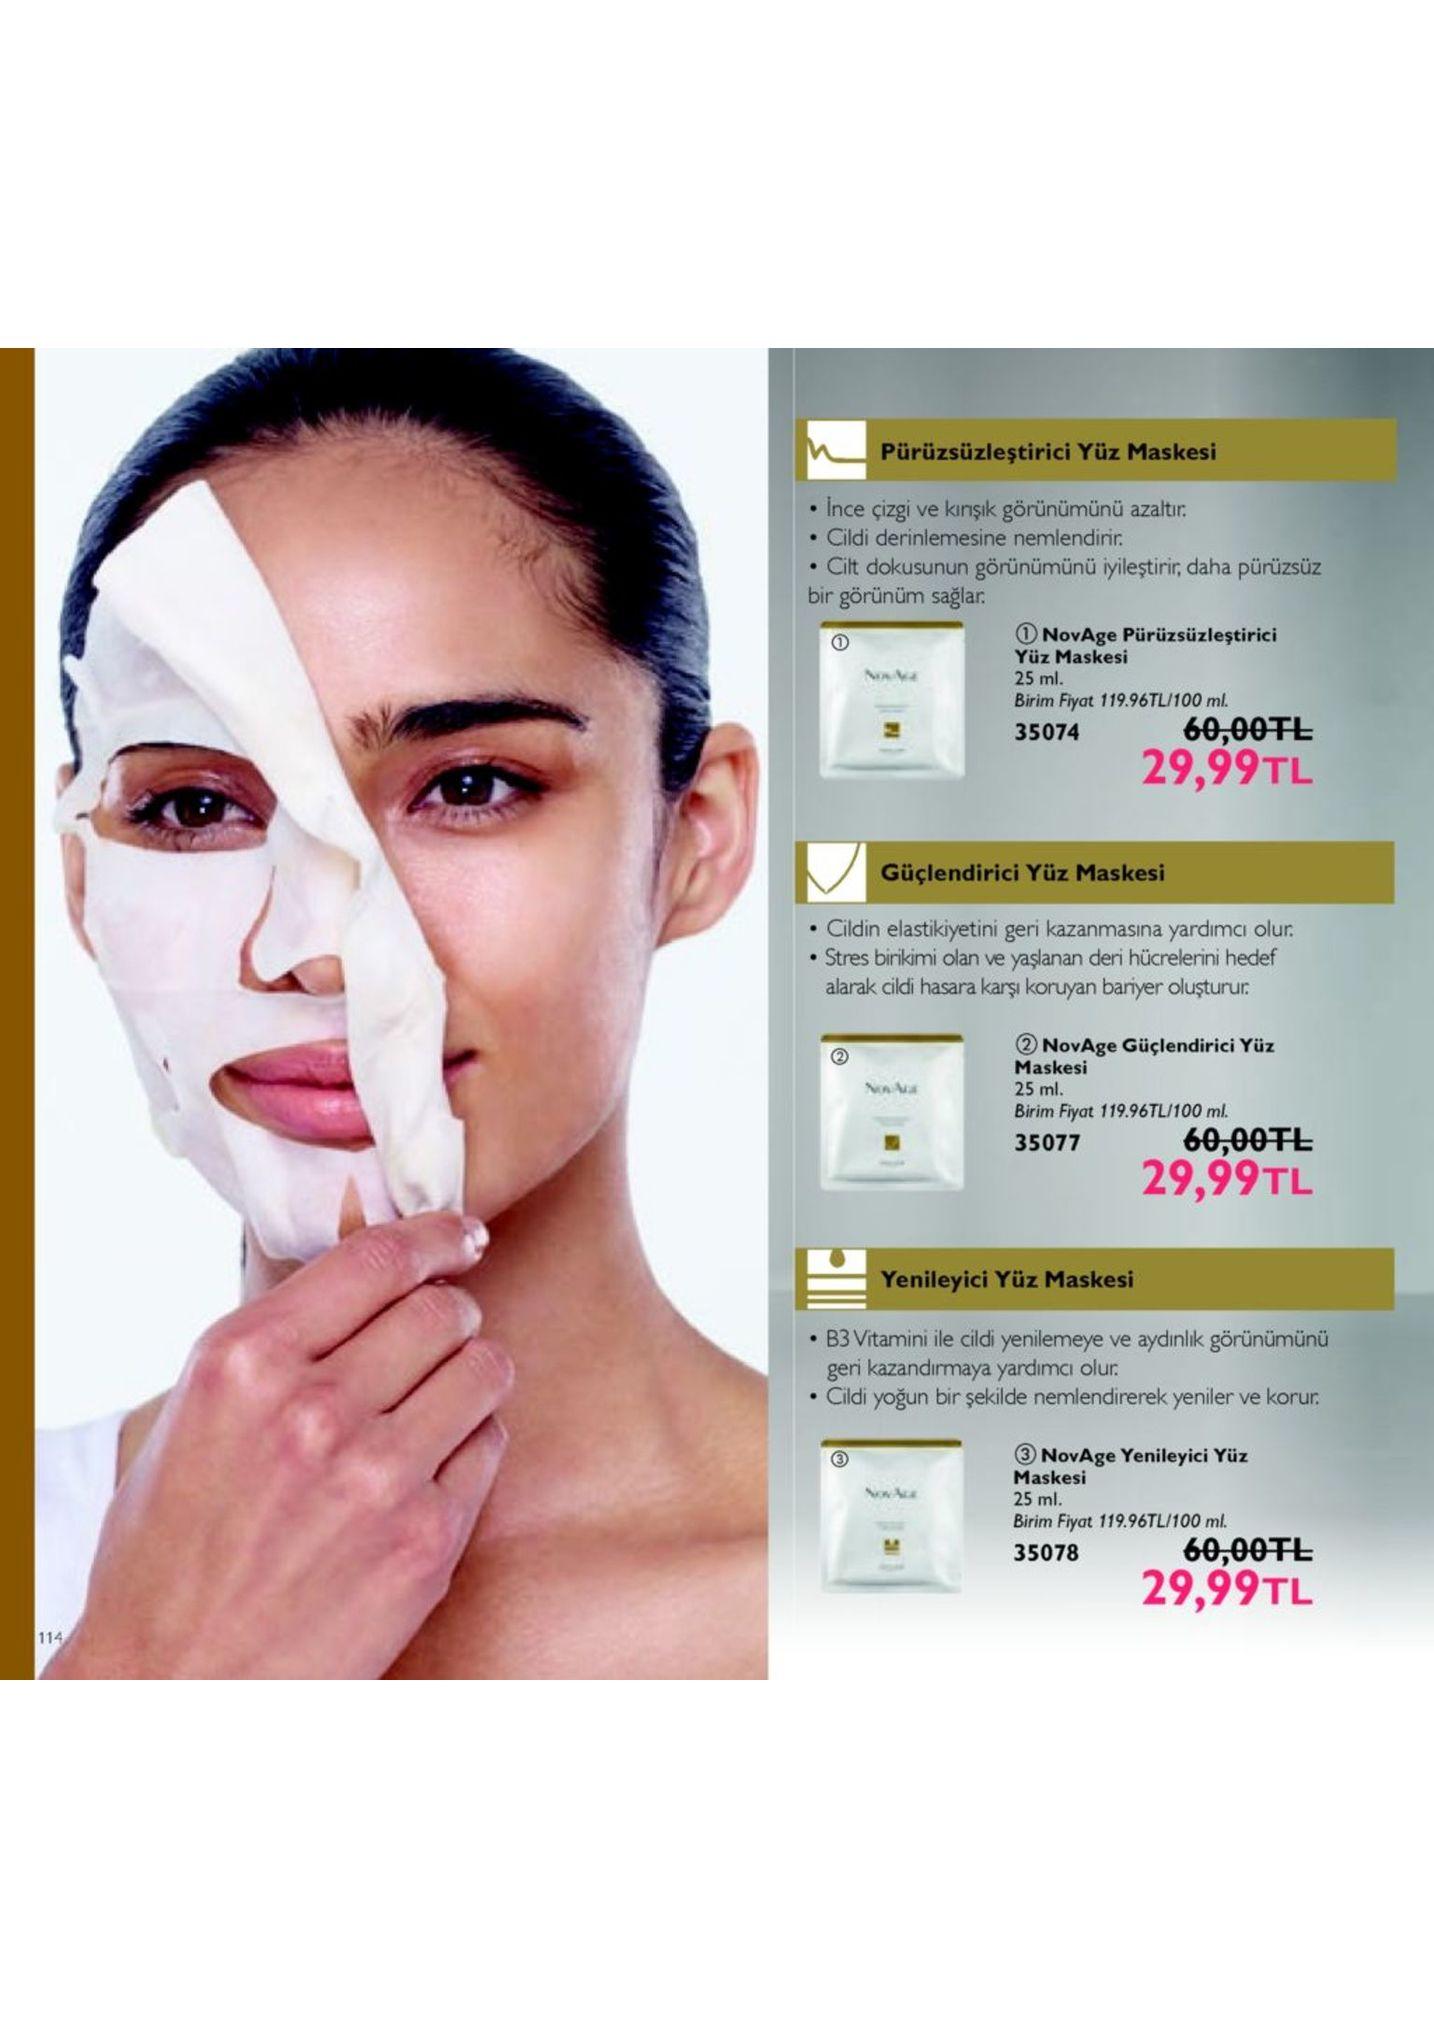 pürüzsüzleştirici yüz maskesi . ince çizgi ve kinsk görünümünü azaltır. . cildi derinlemesine nemlendirir . cilt dokusunun görünümünü iyileştirir, daha pürüzsüz bir görünüm sağlar novage pürüzsüzleştirici yüz maskesi 25 ml. birim fiyat 119.96tl/100 ml 60,00fl 29,99tl 35074 güçlendirici yüz maskesi . cildin elastikiyetini geri kazanmasina yardimcı olur . stres birikimi olan ve yaşlanan deri hücrelerini hedef alarak cildi hasara karşı koruyan bariyer olusturur 2 novage güçlendirici yüz maskesi 25 ml. n ma birim fiyat 119.96tl/100 ml 60,00fl 35071 29,99tl yenileyici yüz maskesi b3 vitamini ile cildi yenilemeye ve aydinlk görünümünü geri kazandiırmaya yardimcı olur . cildi yoğun bir şekilde nemlendirerek yeniler ve korur 3novage yenileyici yüz maskesi 25 ml. birim fiyat 119.96tl/100 ml. 35078 60,00tl 29,99tl 114